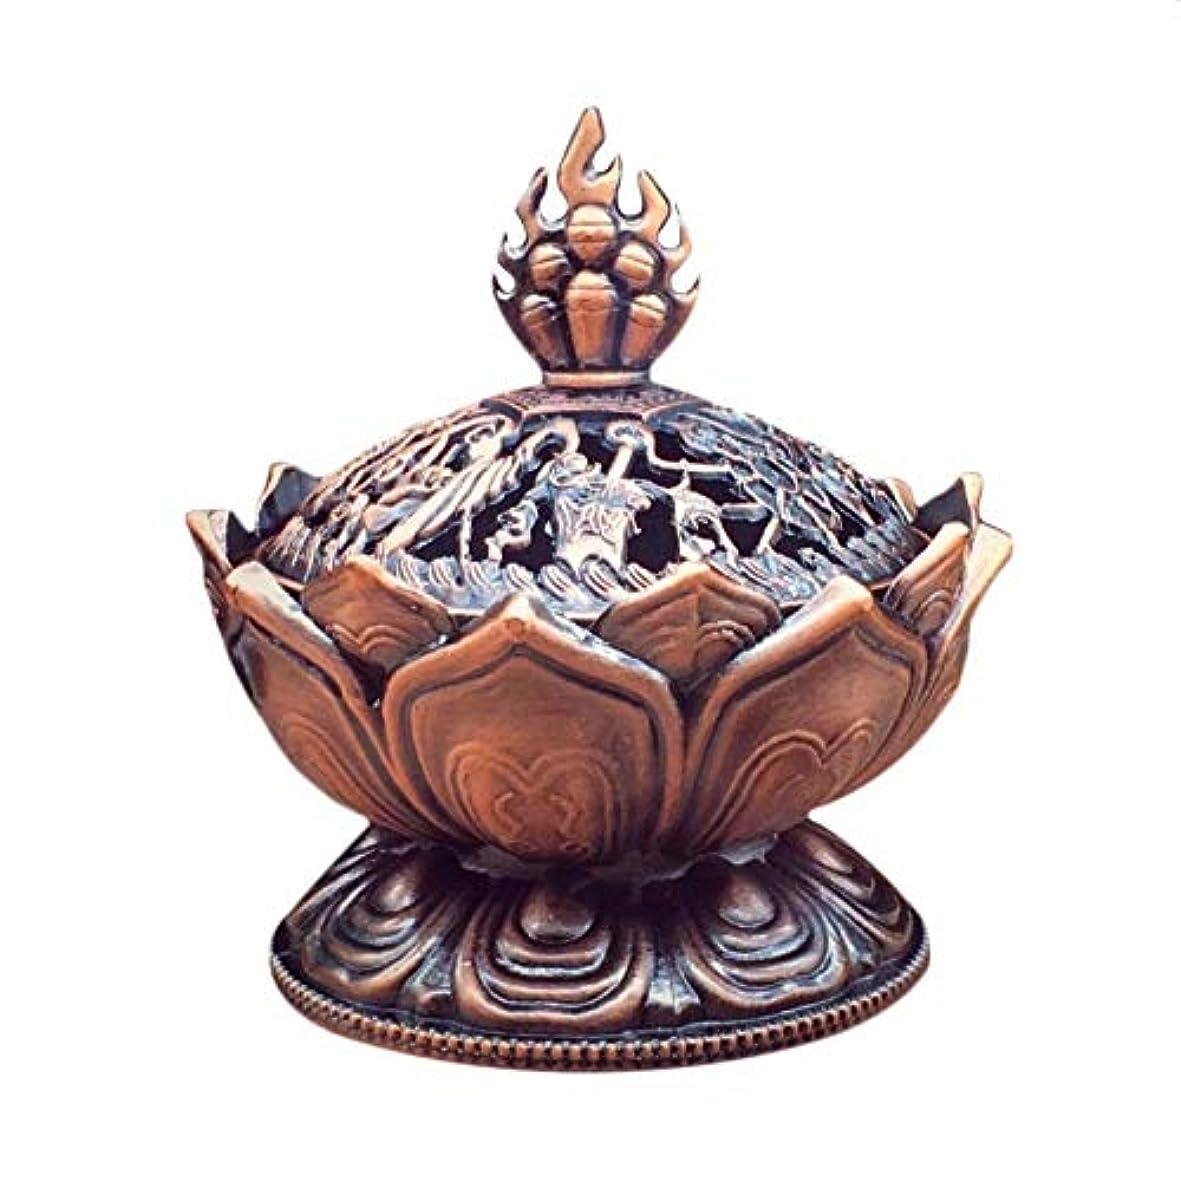 パケット文法航海のチベットロータス合金ブロンズミニ香炉メタルクラフトホームデコレーション